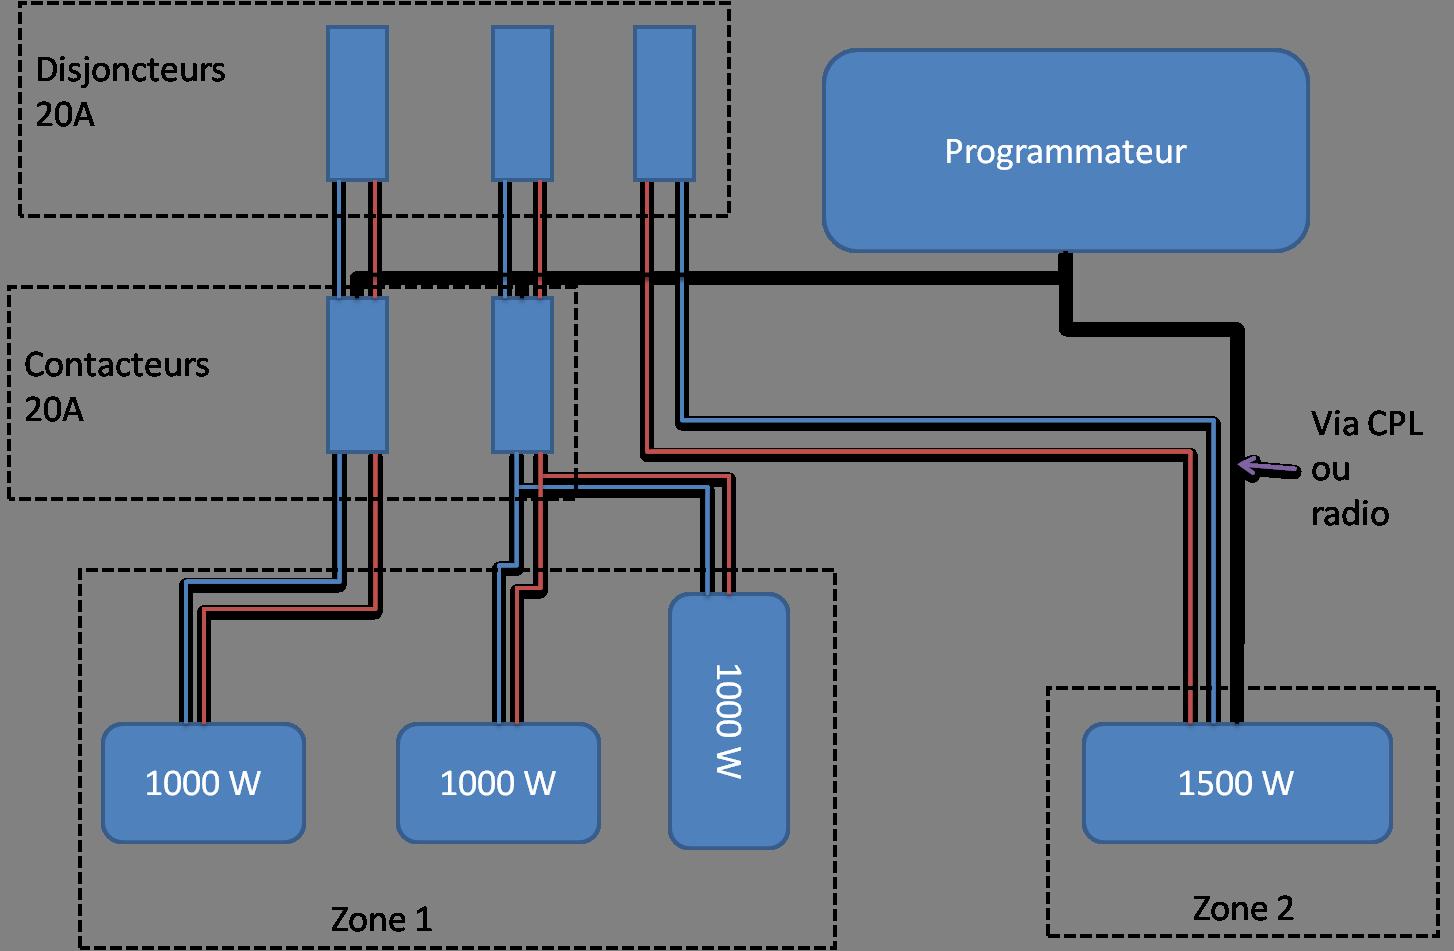 Piloter chauffage lectrique avec et sans fil pilote - Programmateur chauffage electrique sans fil pilote ...